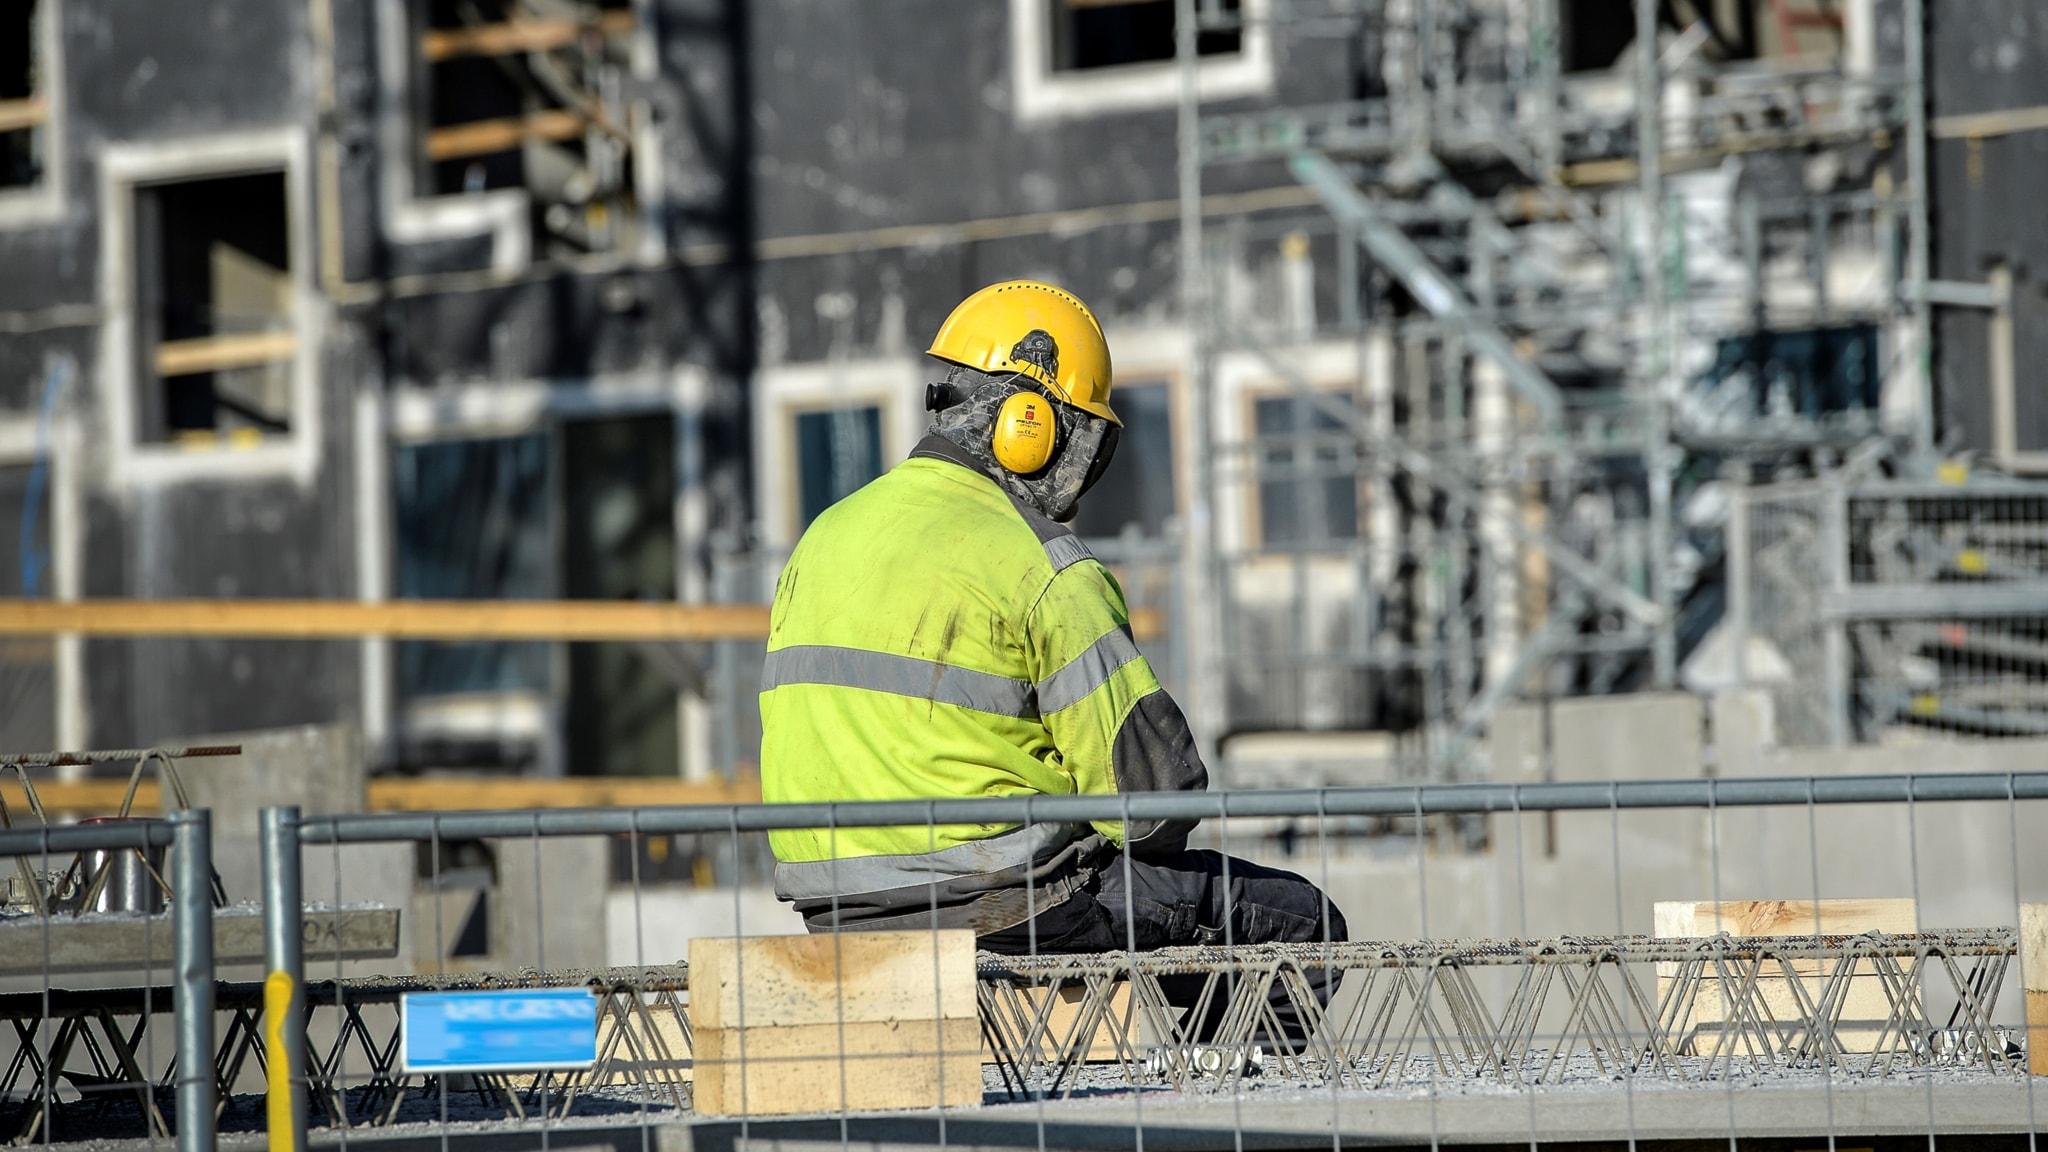 Työllisyys kohenee - miksi erityisesti miehille löytyy nyt töitä?